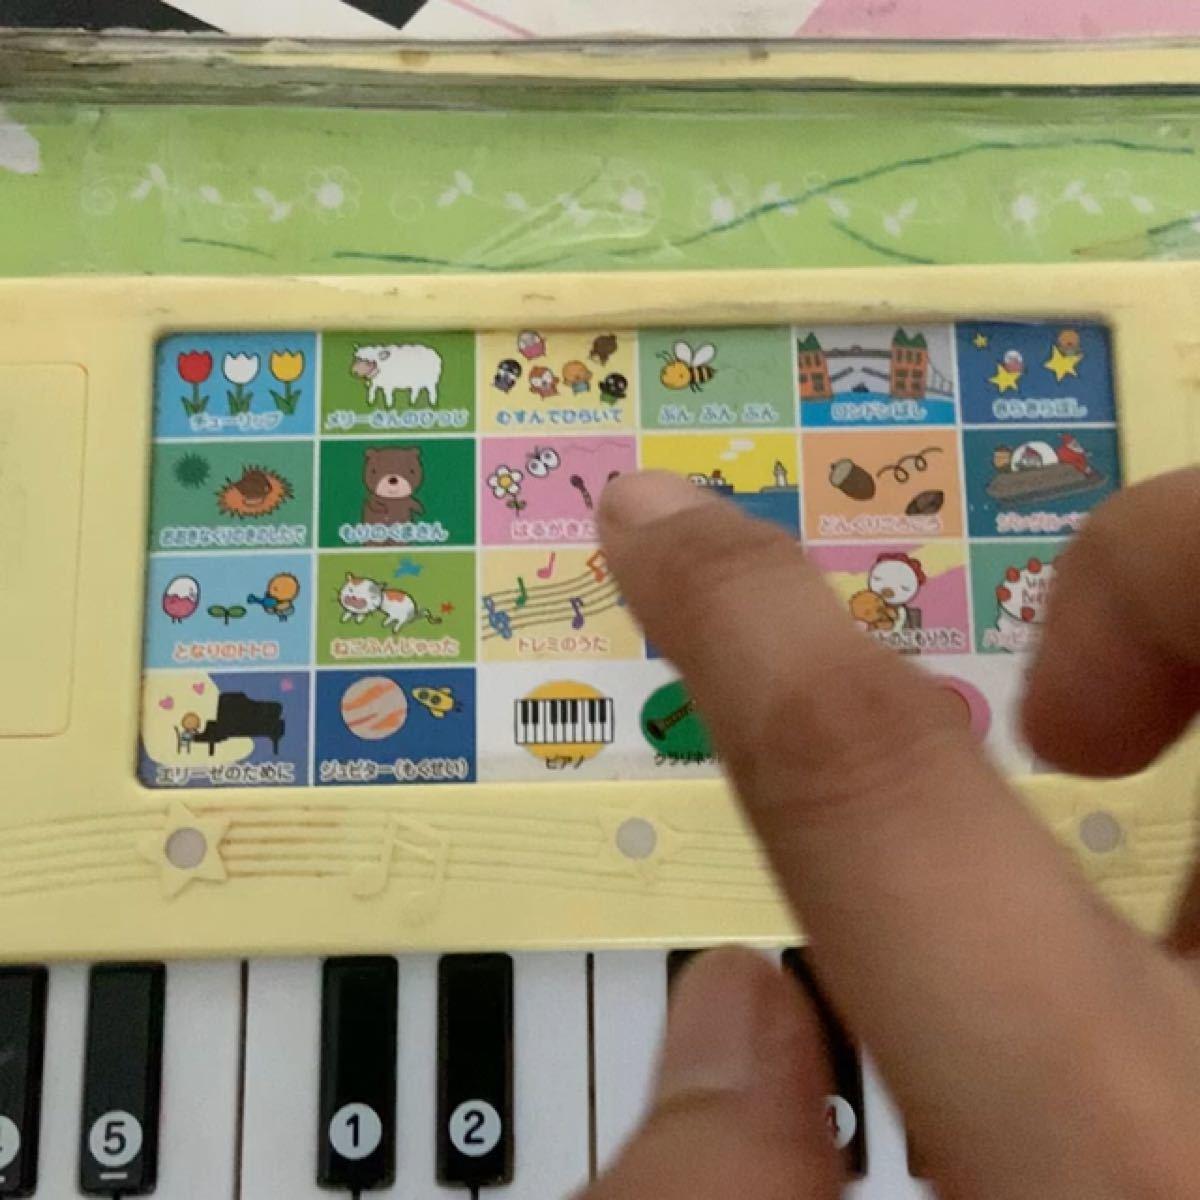 たまひよ楽器あそび絵本 0〜5才 すてきなピアノえほん/ベネッセコーポレーション (その他) 1980円 税別